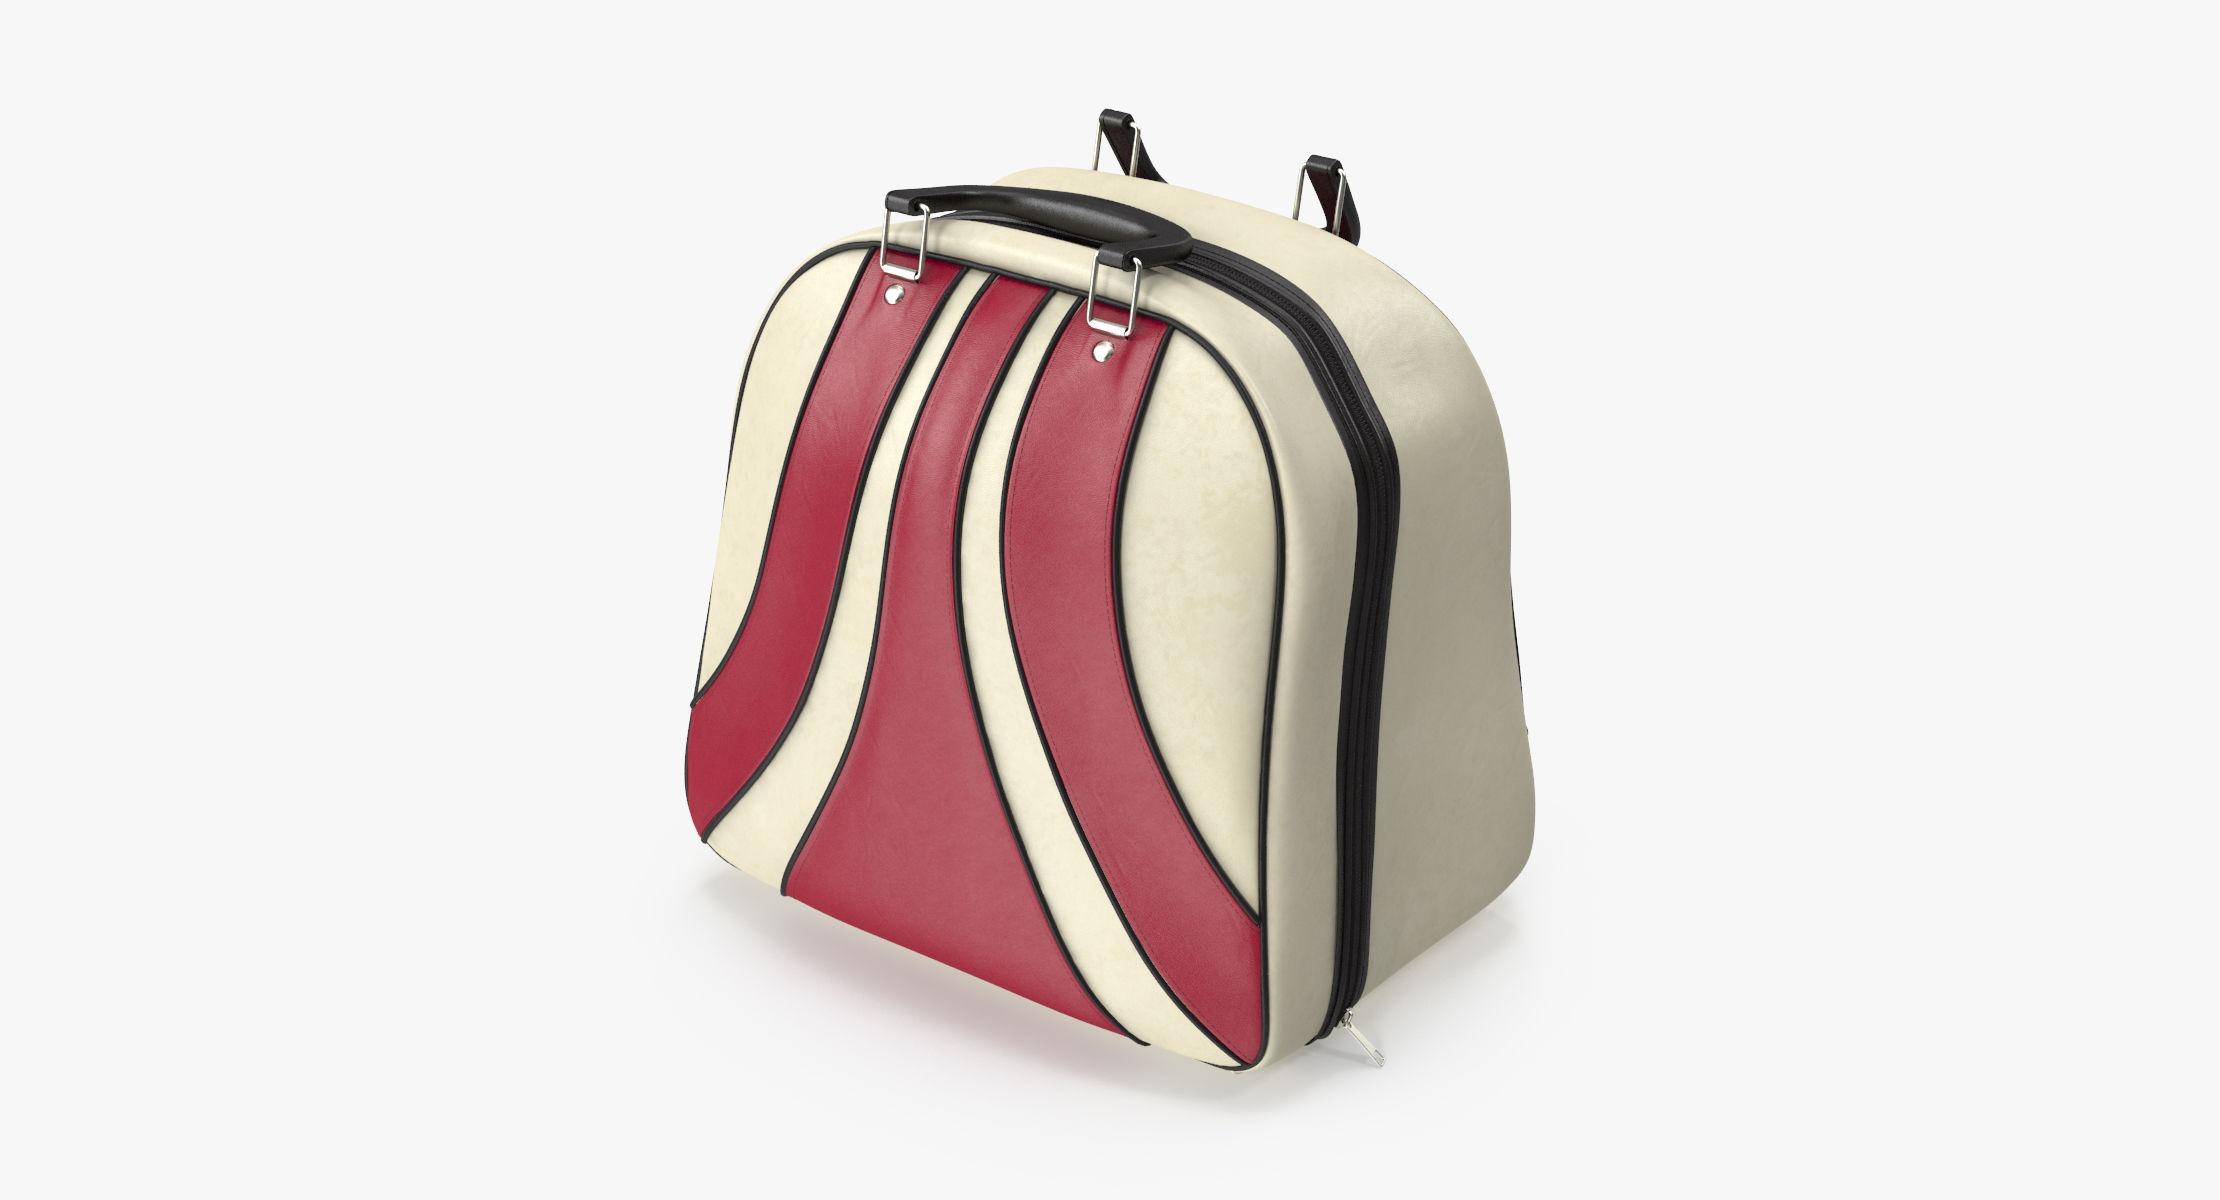 Bowling Bag Closed - reel 1